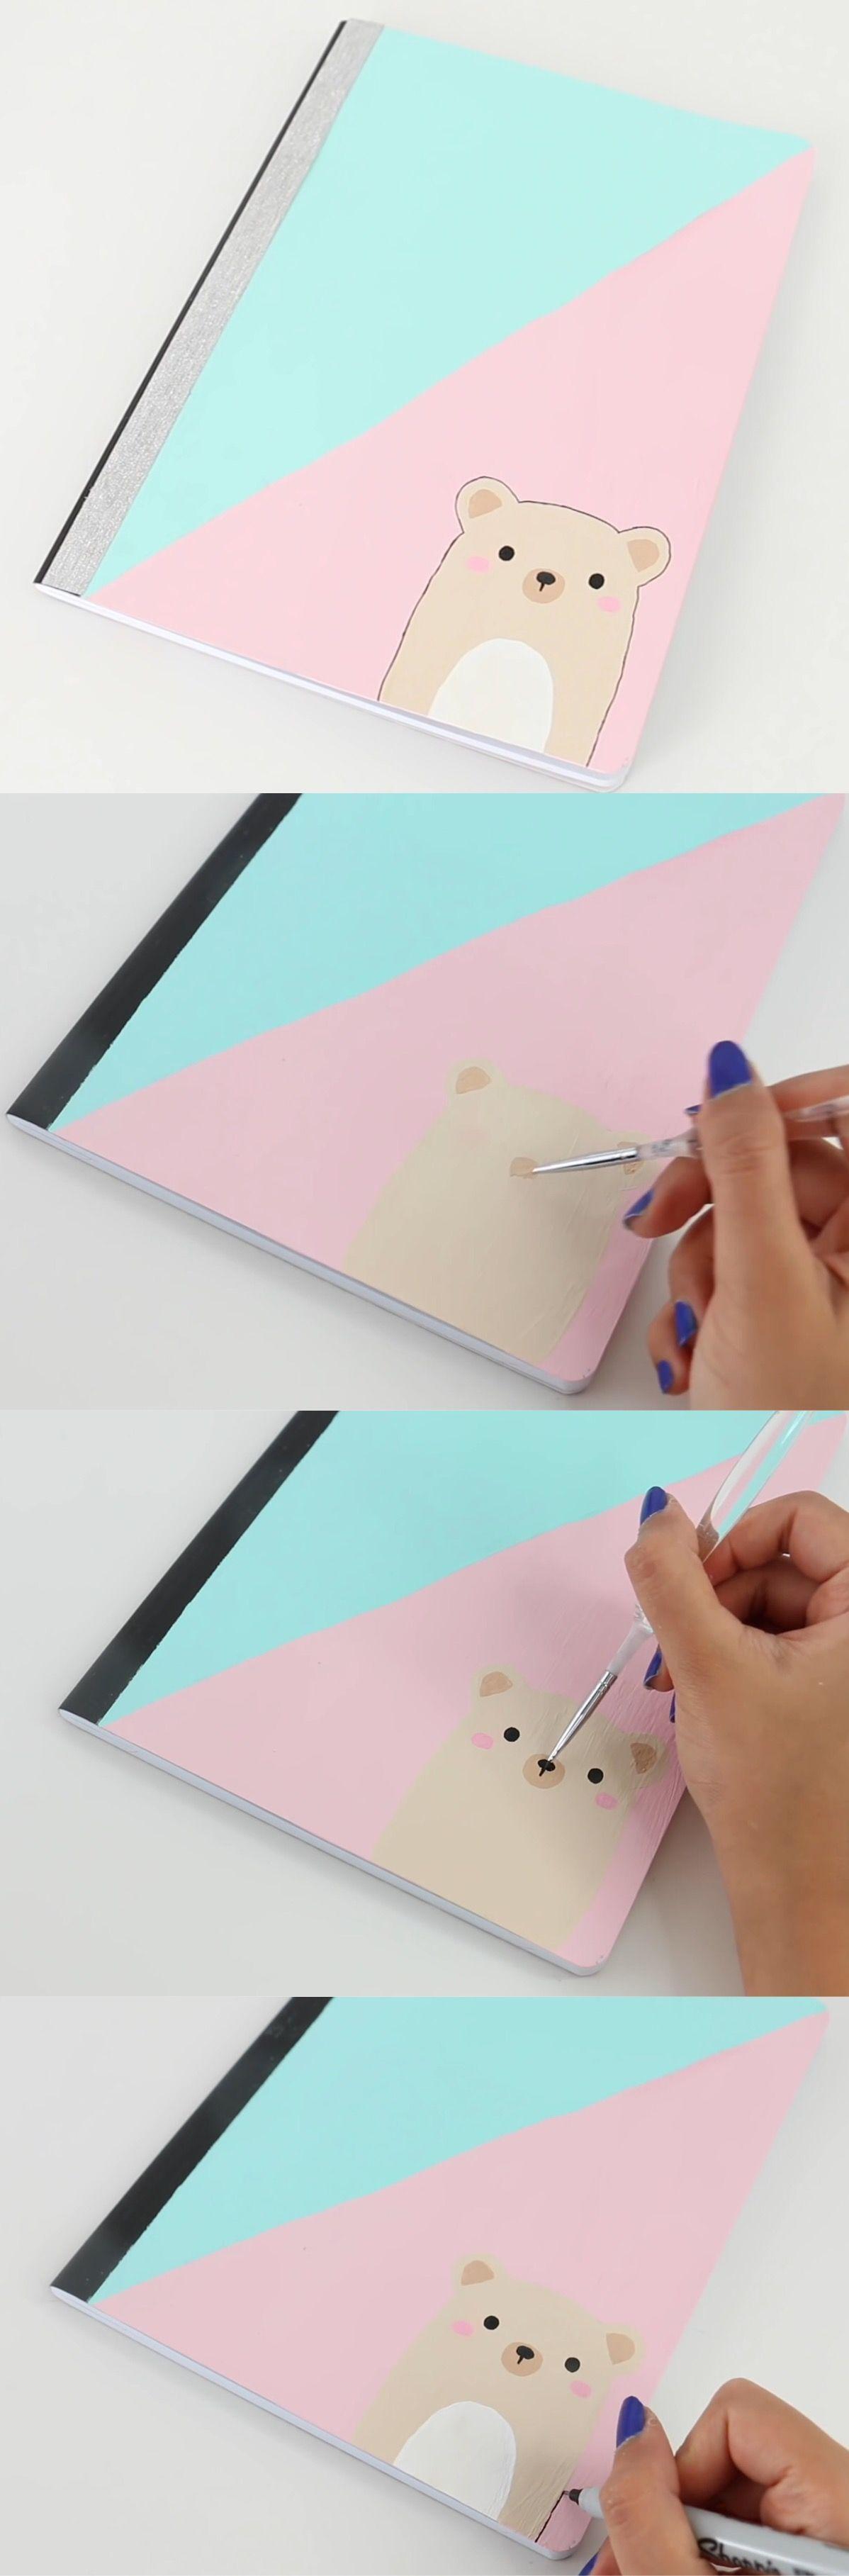 Notebook Part 3|Nim C                                                                                                                                                                                 Más